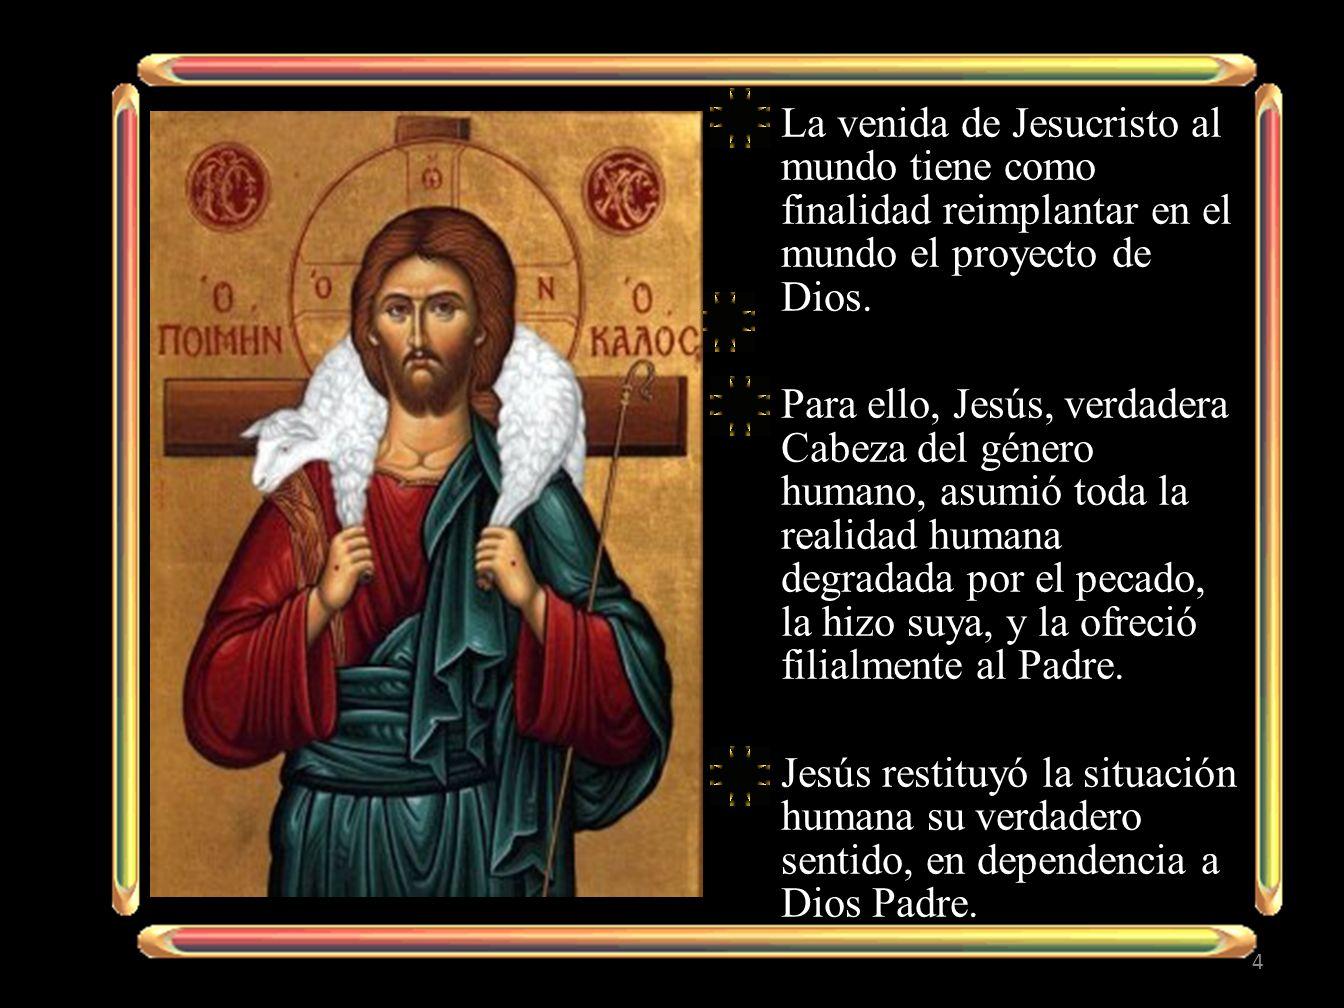 La venida de Jesucristo al mundo tiene como finalidad reimplantar en el mundo el proyecto de Dios.